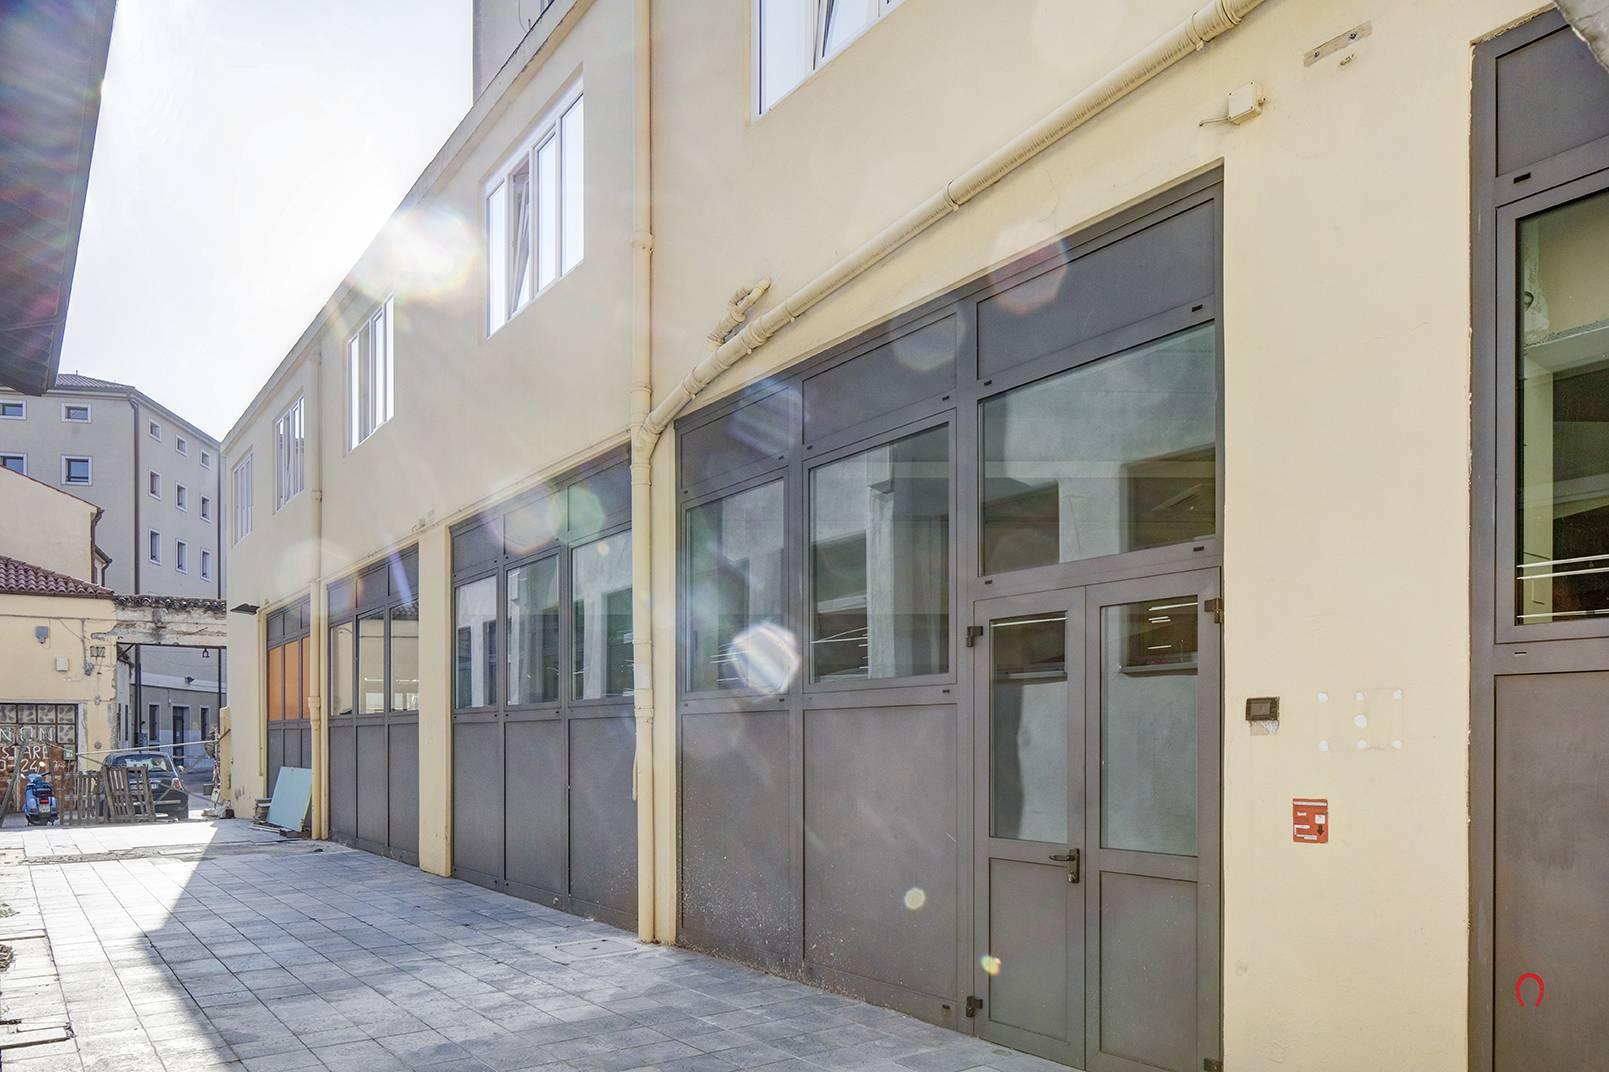 Negozio / Locale in affitto a Trieste, 9999 locali, prezzo € 500.000 | PortaleAgenzieImmobiliari.it